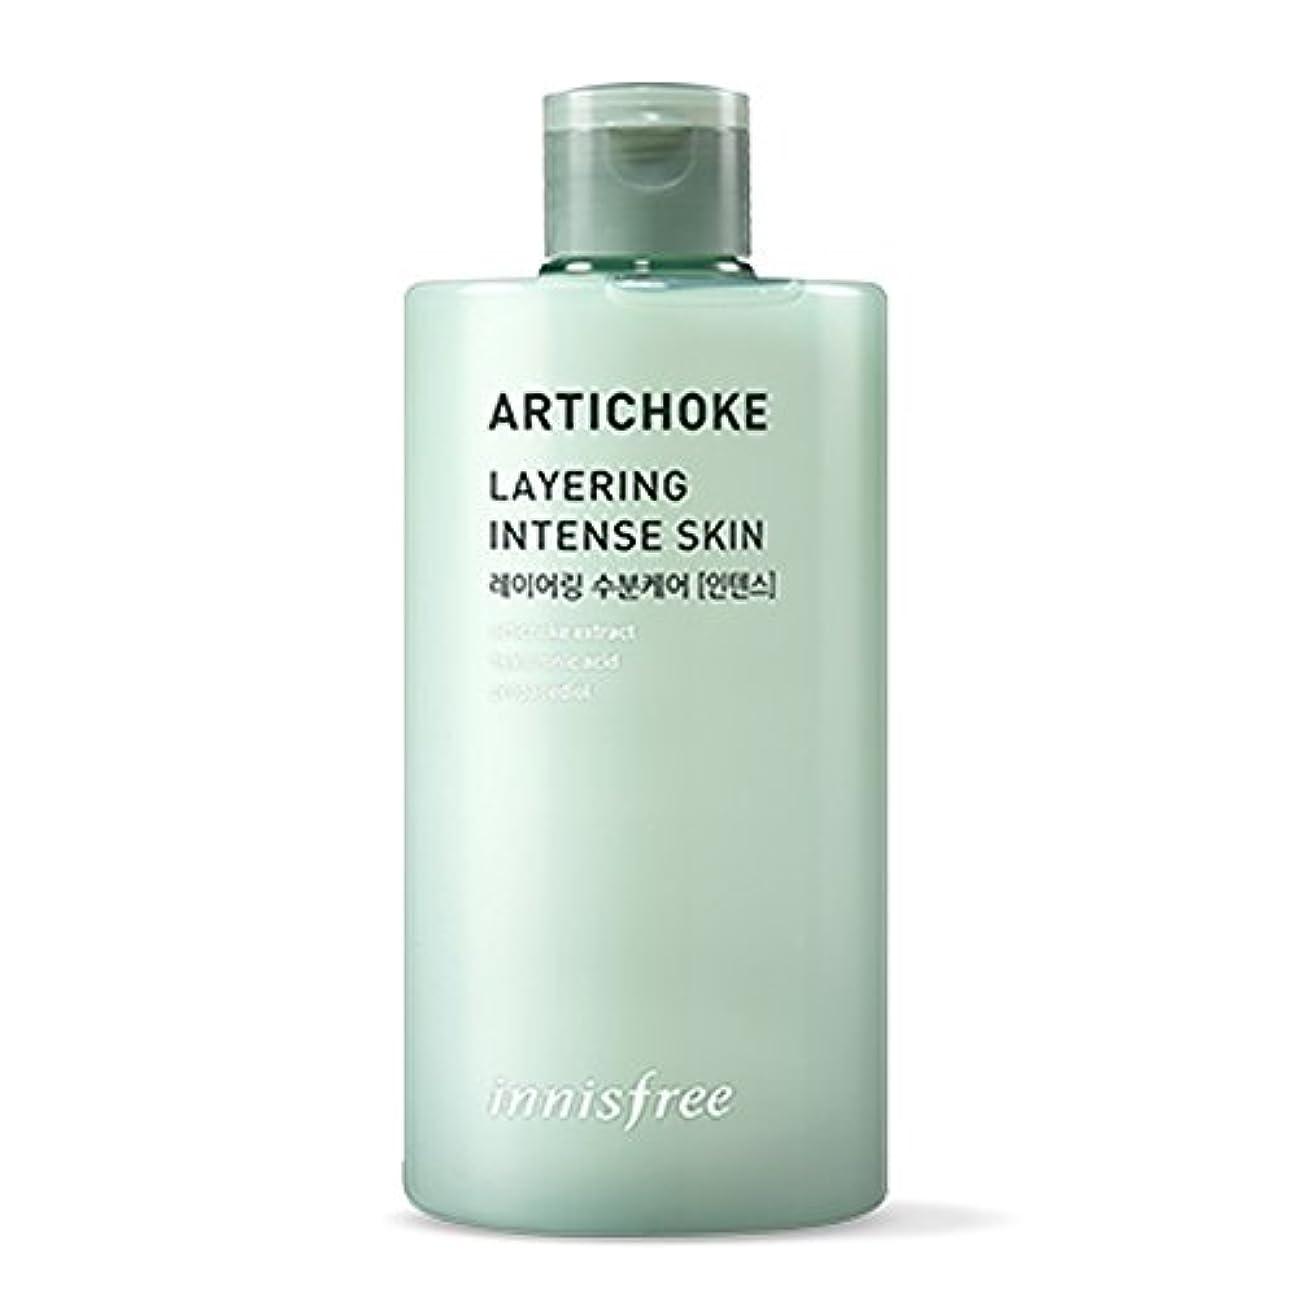 レイアシーボードクックイニスフリーアーティチョークレイヤーインテンセスキン(トナー)400ml Innisfree Artichoke Layering Intense Skin (Toner) 400ml [海外直送品] [並行輸入品]